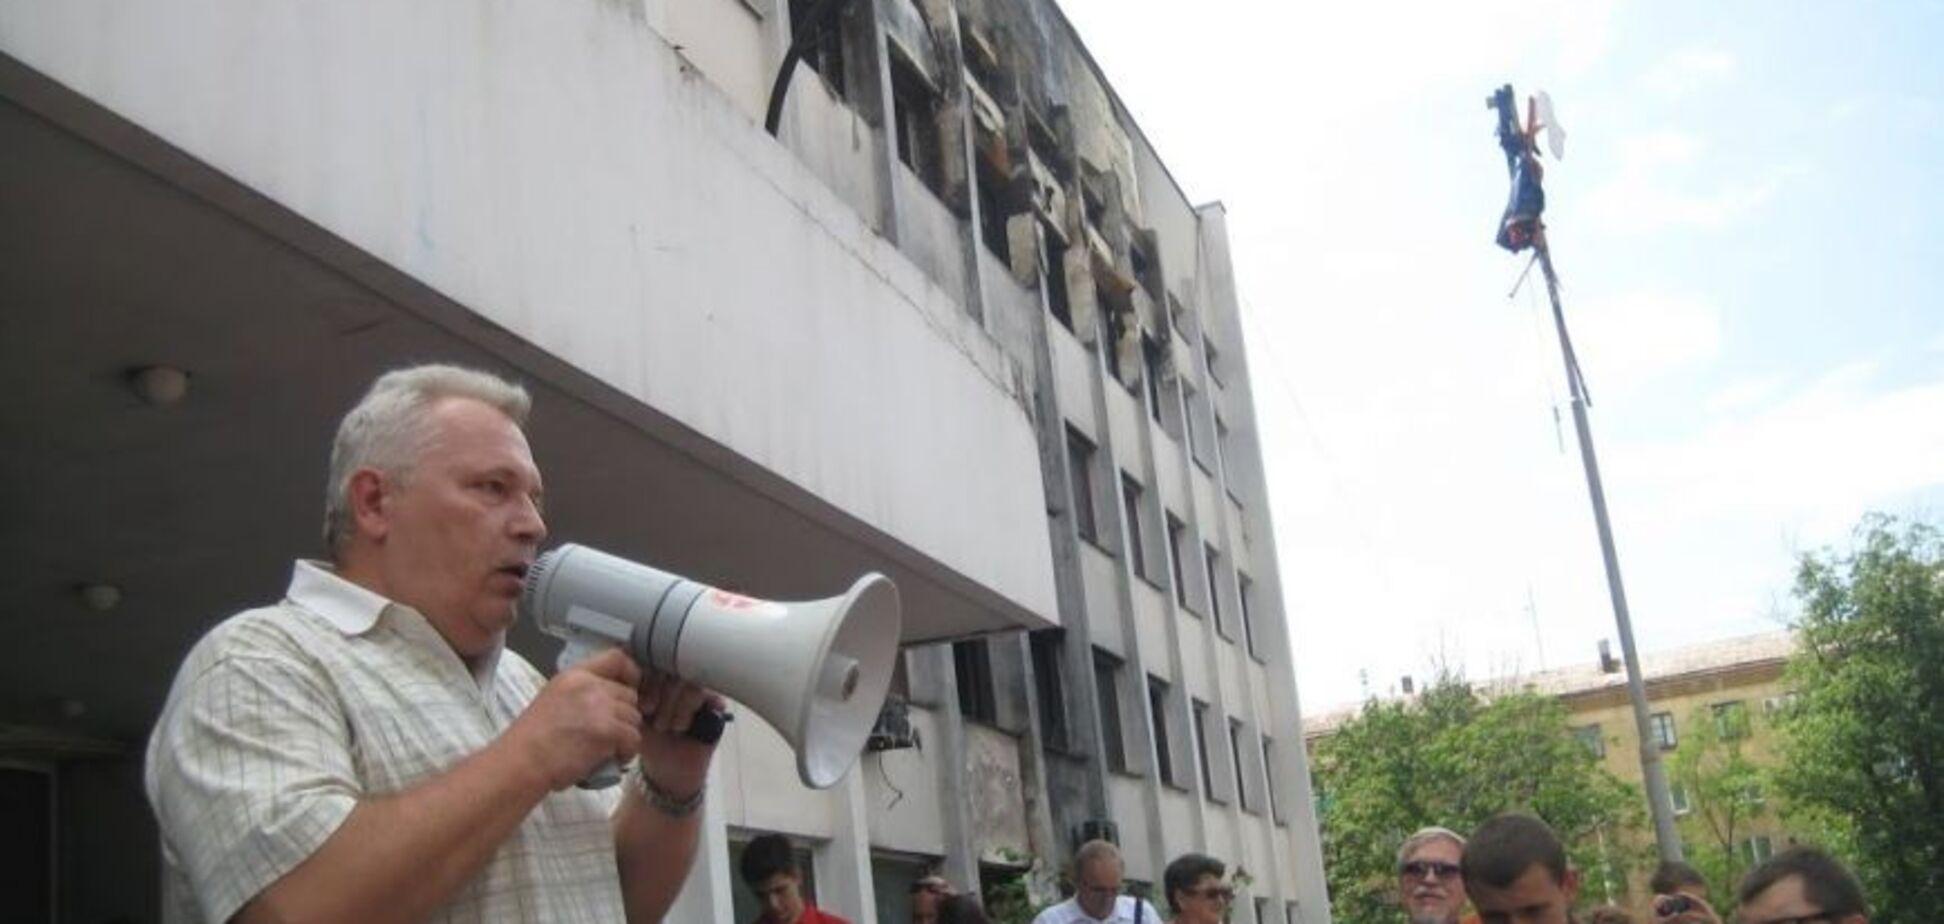 Вступил в сговор с 'ДНР': суд вынес приговор 'народному мэру' Мариуполя